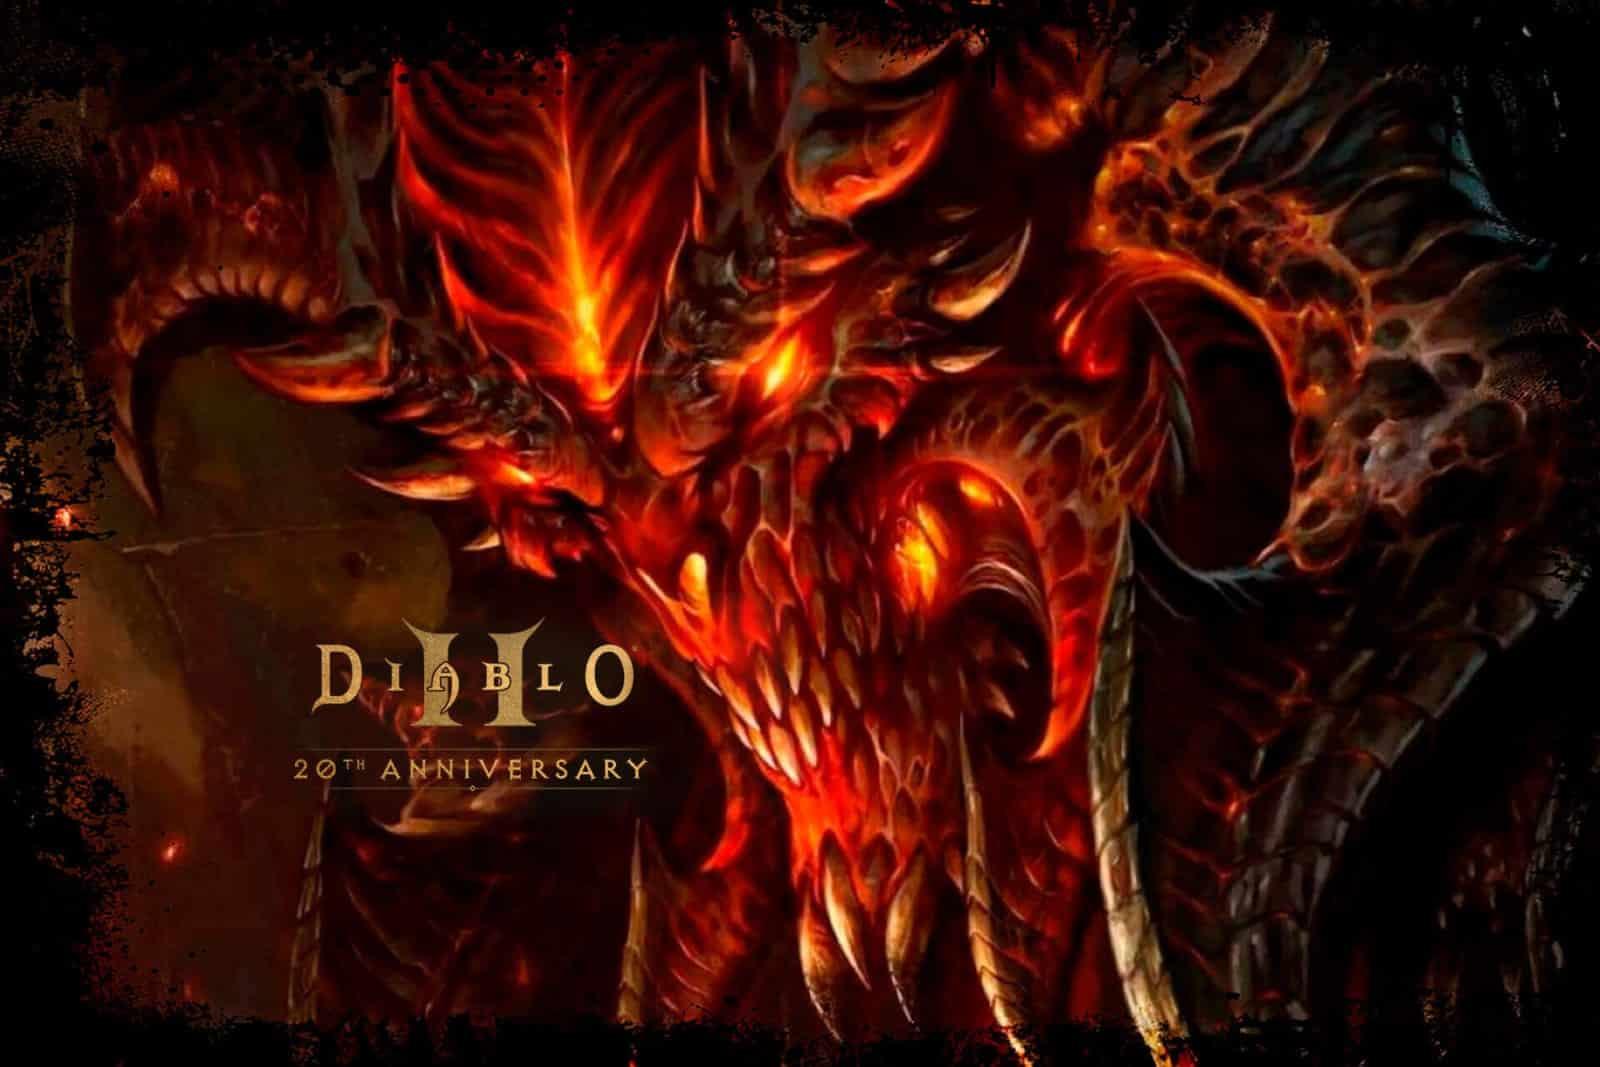 Diablo Italia Fans - 20 Anniversario Diablo II